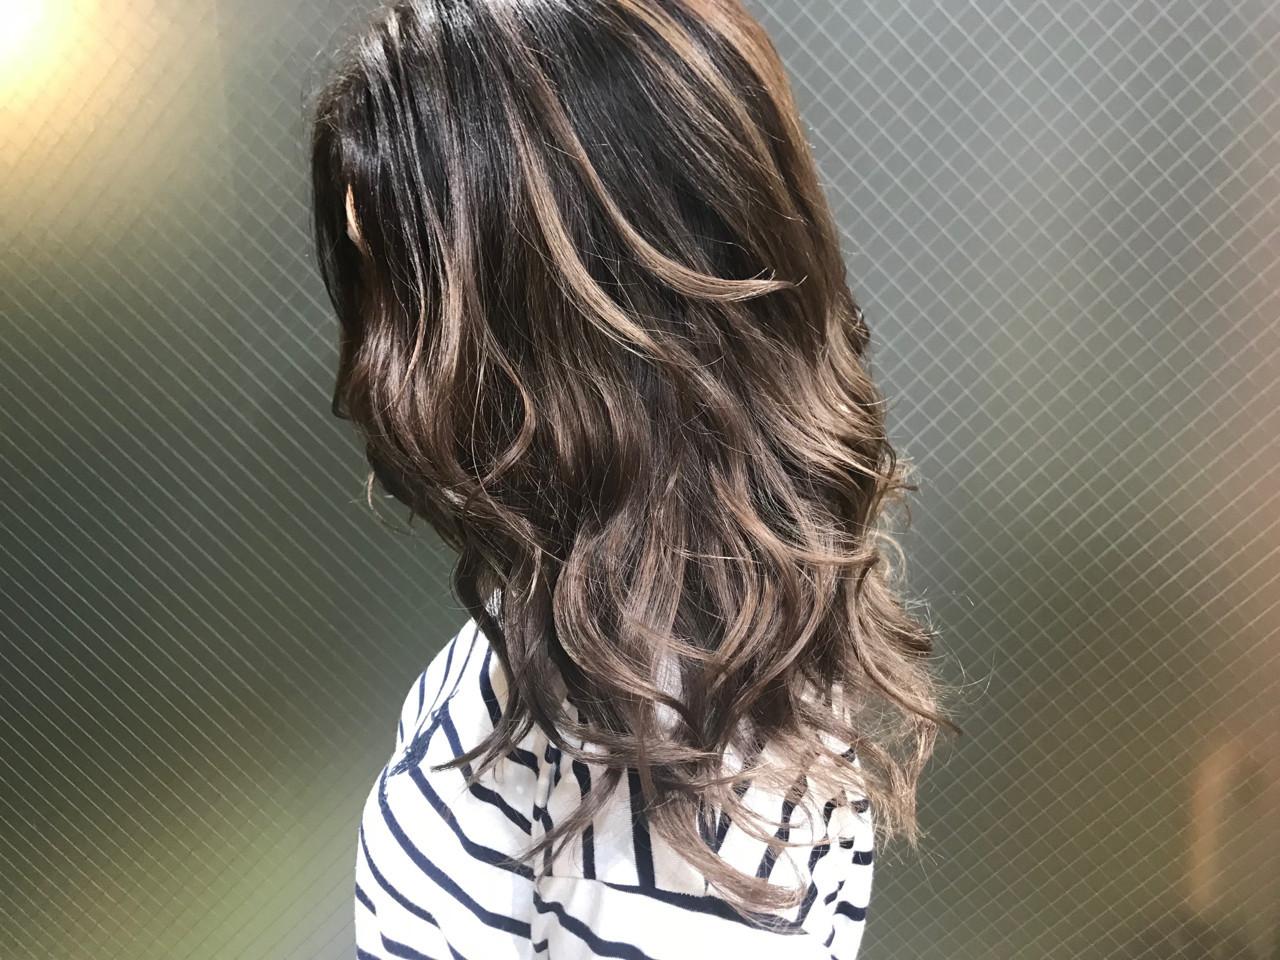 ローライト うる艶カラー ロング ナチュラル ヘアスタイルや髪型の写真・画像